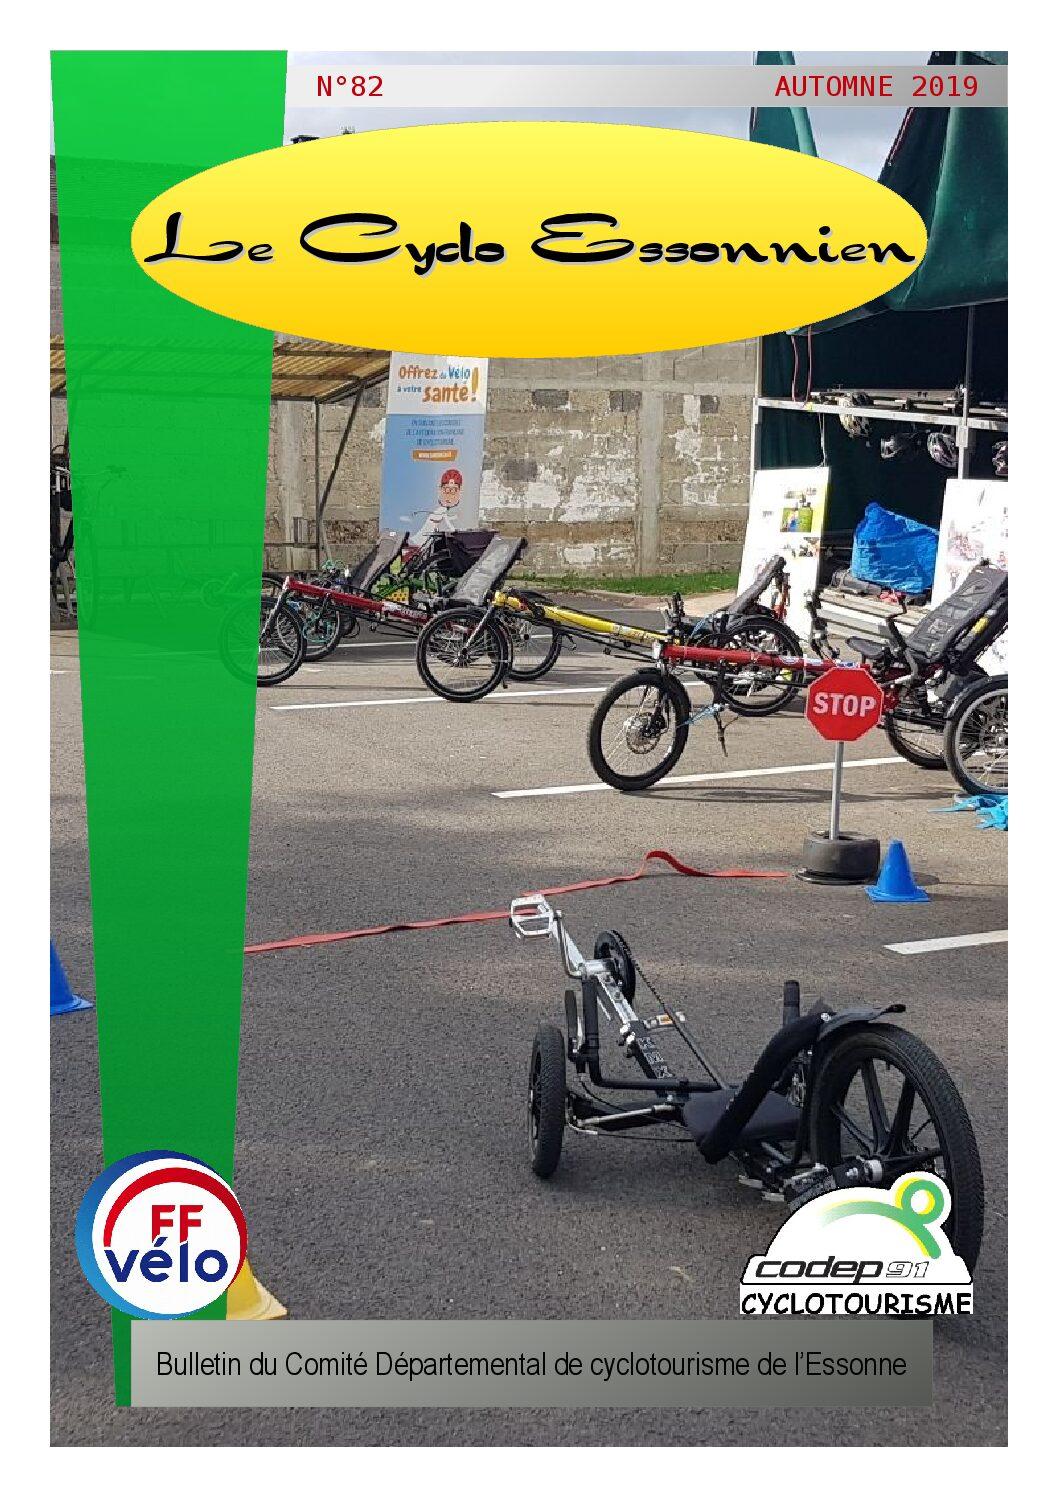 Le Cyclo Essonnien n°82